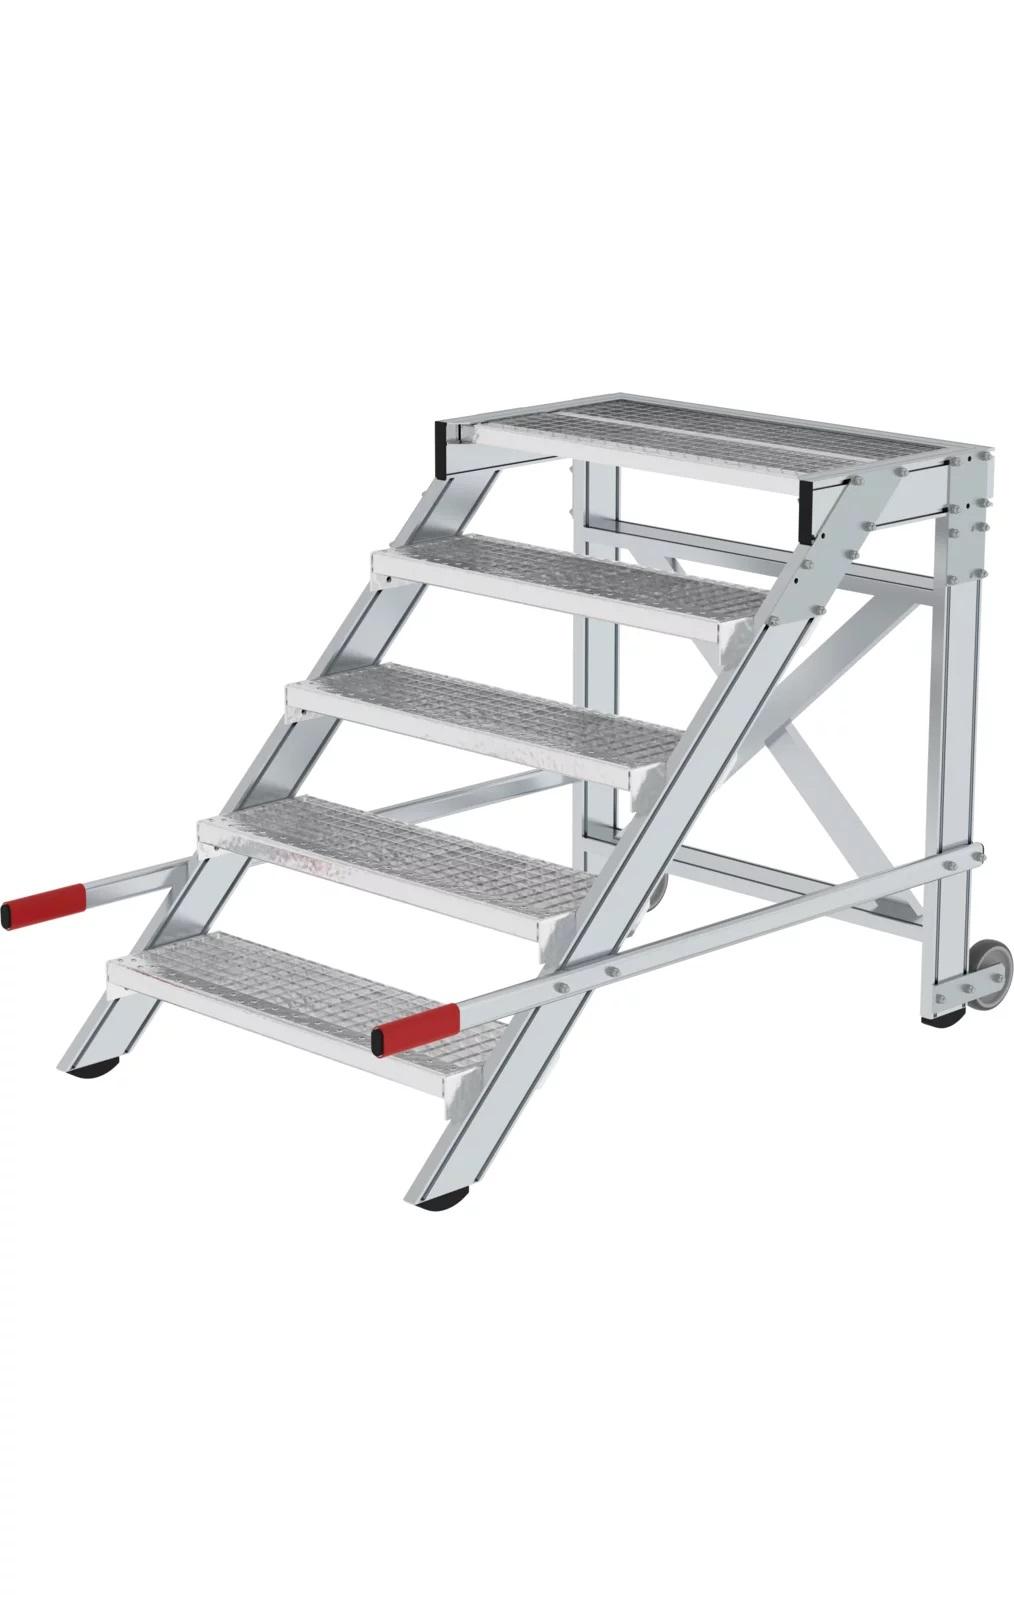 Aluminium plateautrap, staalrooster treden, verrijdbaar